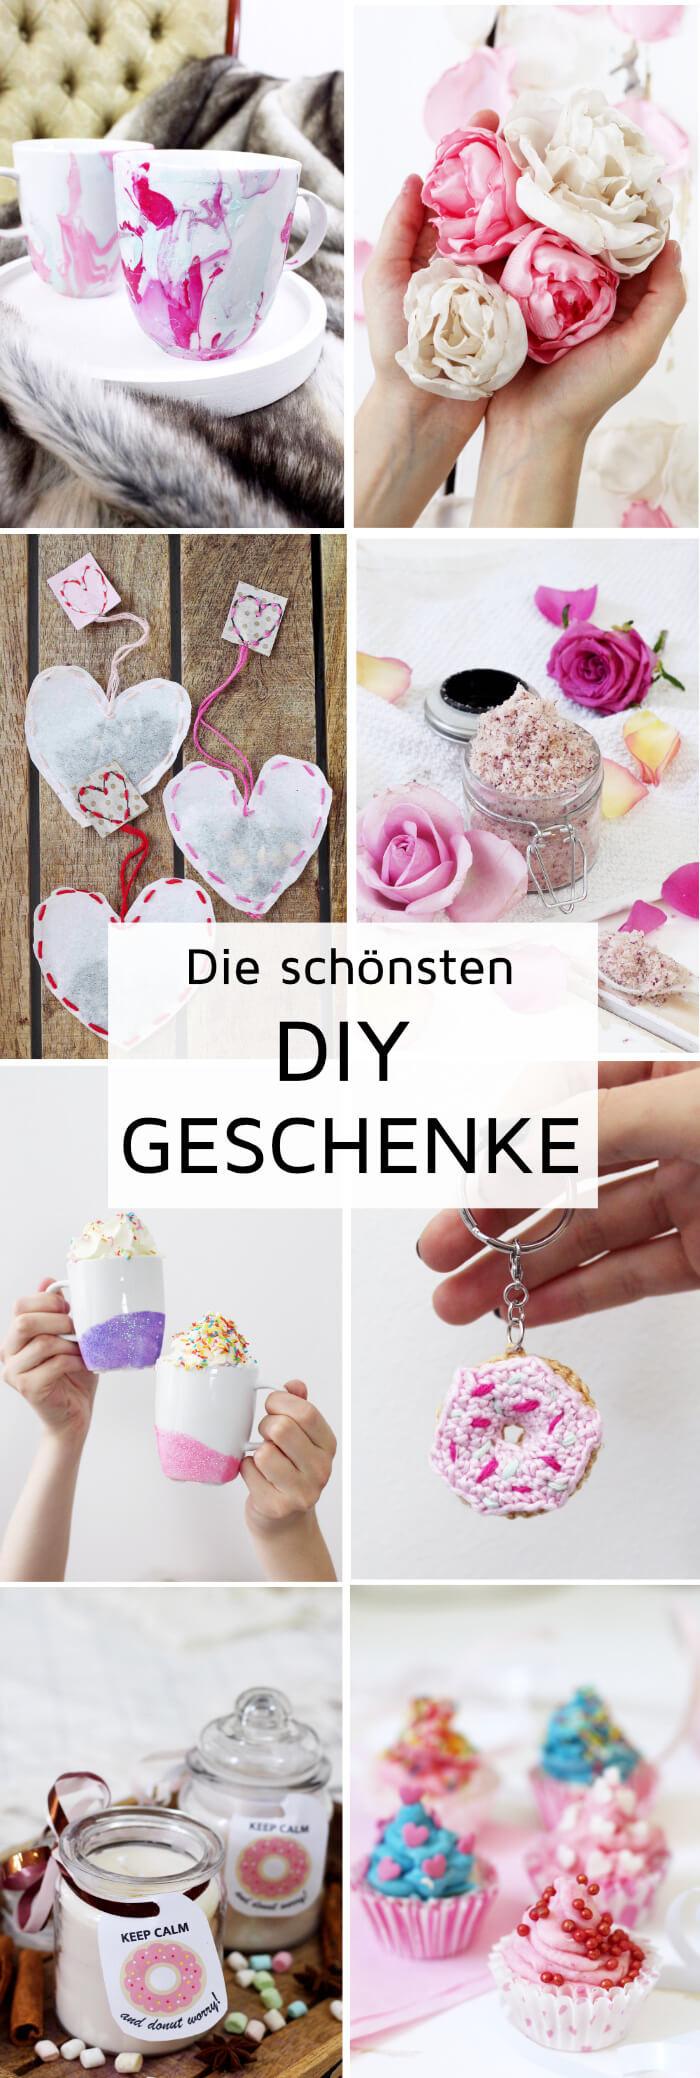 Diy Geschenk Für Freund  DIY Geschenke selber machen Kreative Geschenkideen basteln